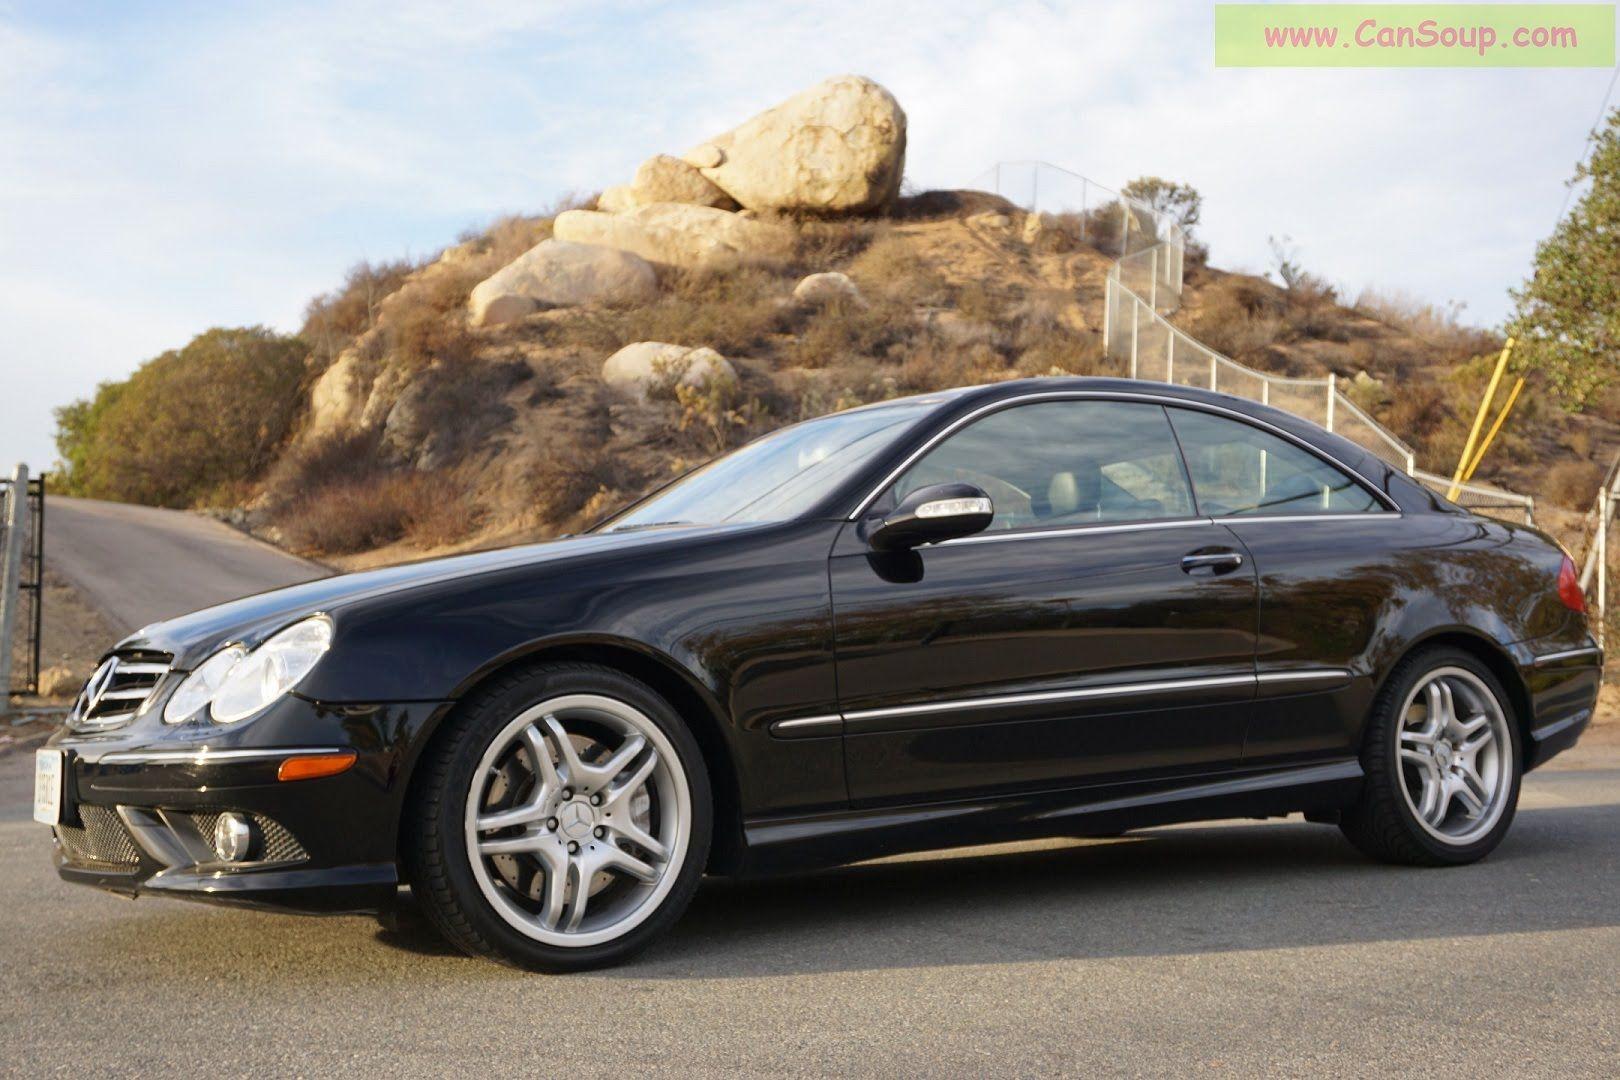 Mercedes Benz Clk550 A209 C209 Clk55 Amg Pkg Review 2008